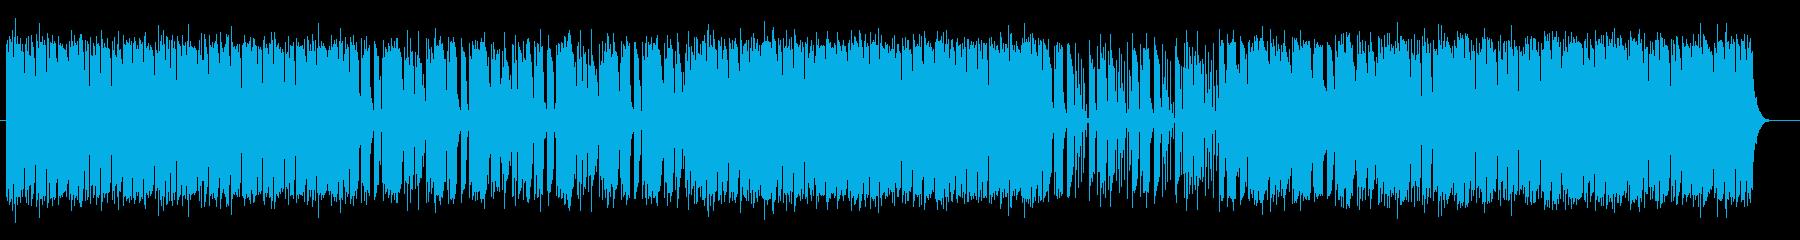 ポップで宇宙感のあるシンセサウンドの再生済みの波形